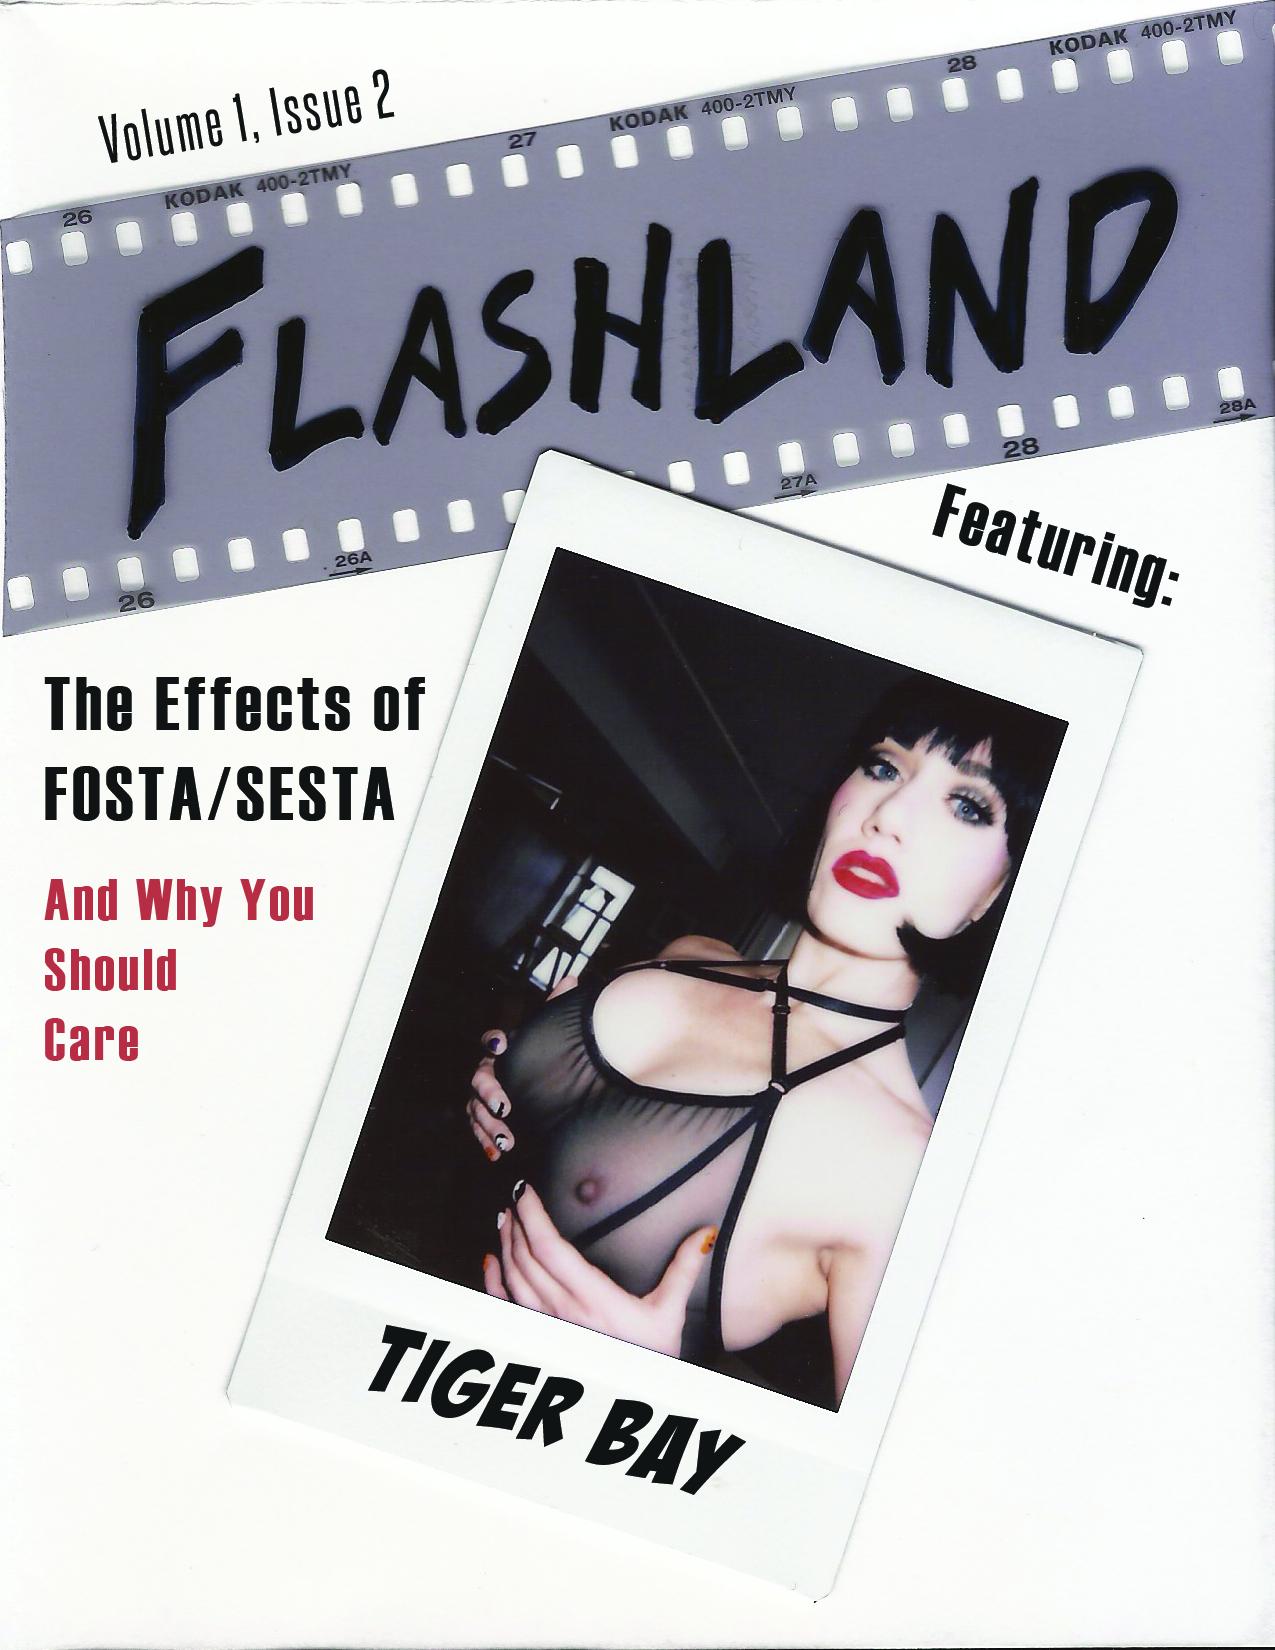 Flashland V1I2 cover.jpg